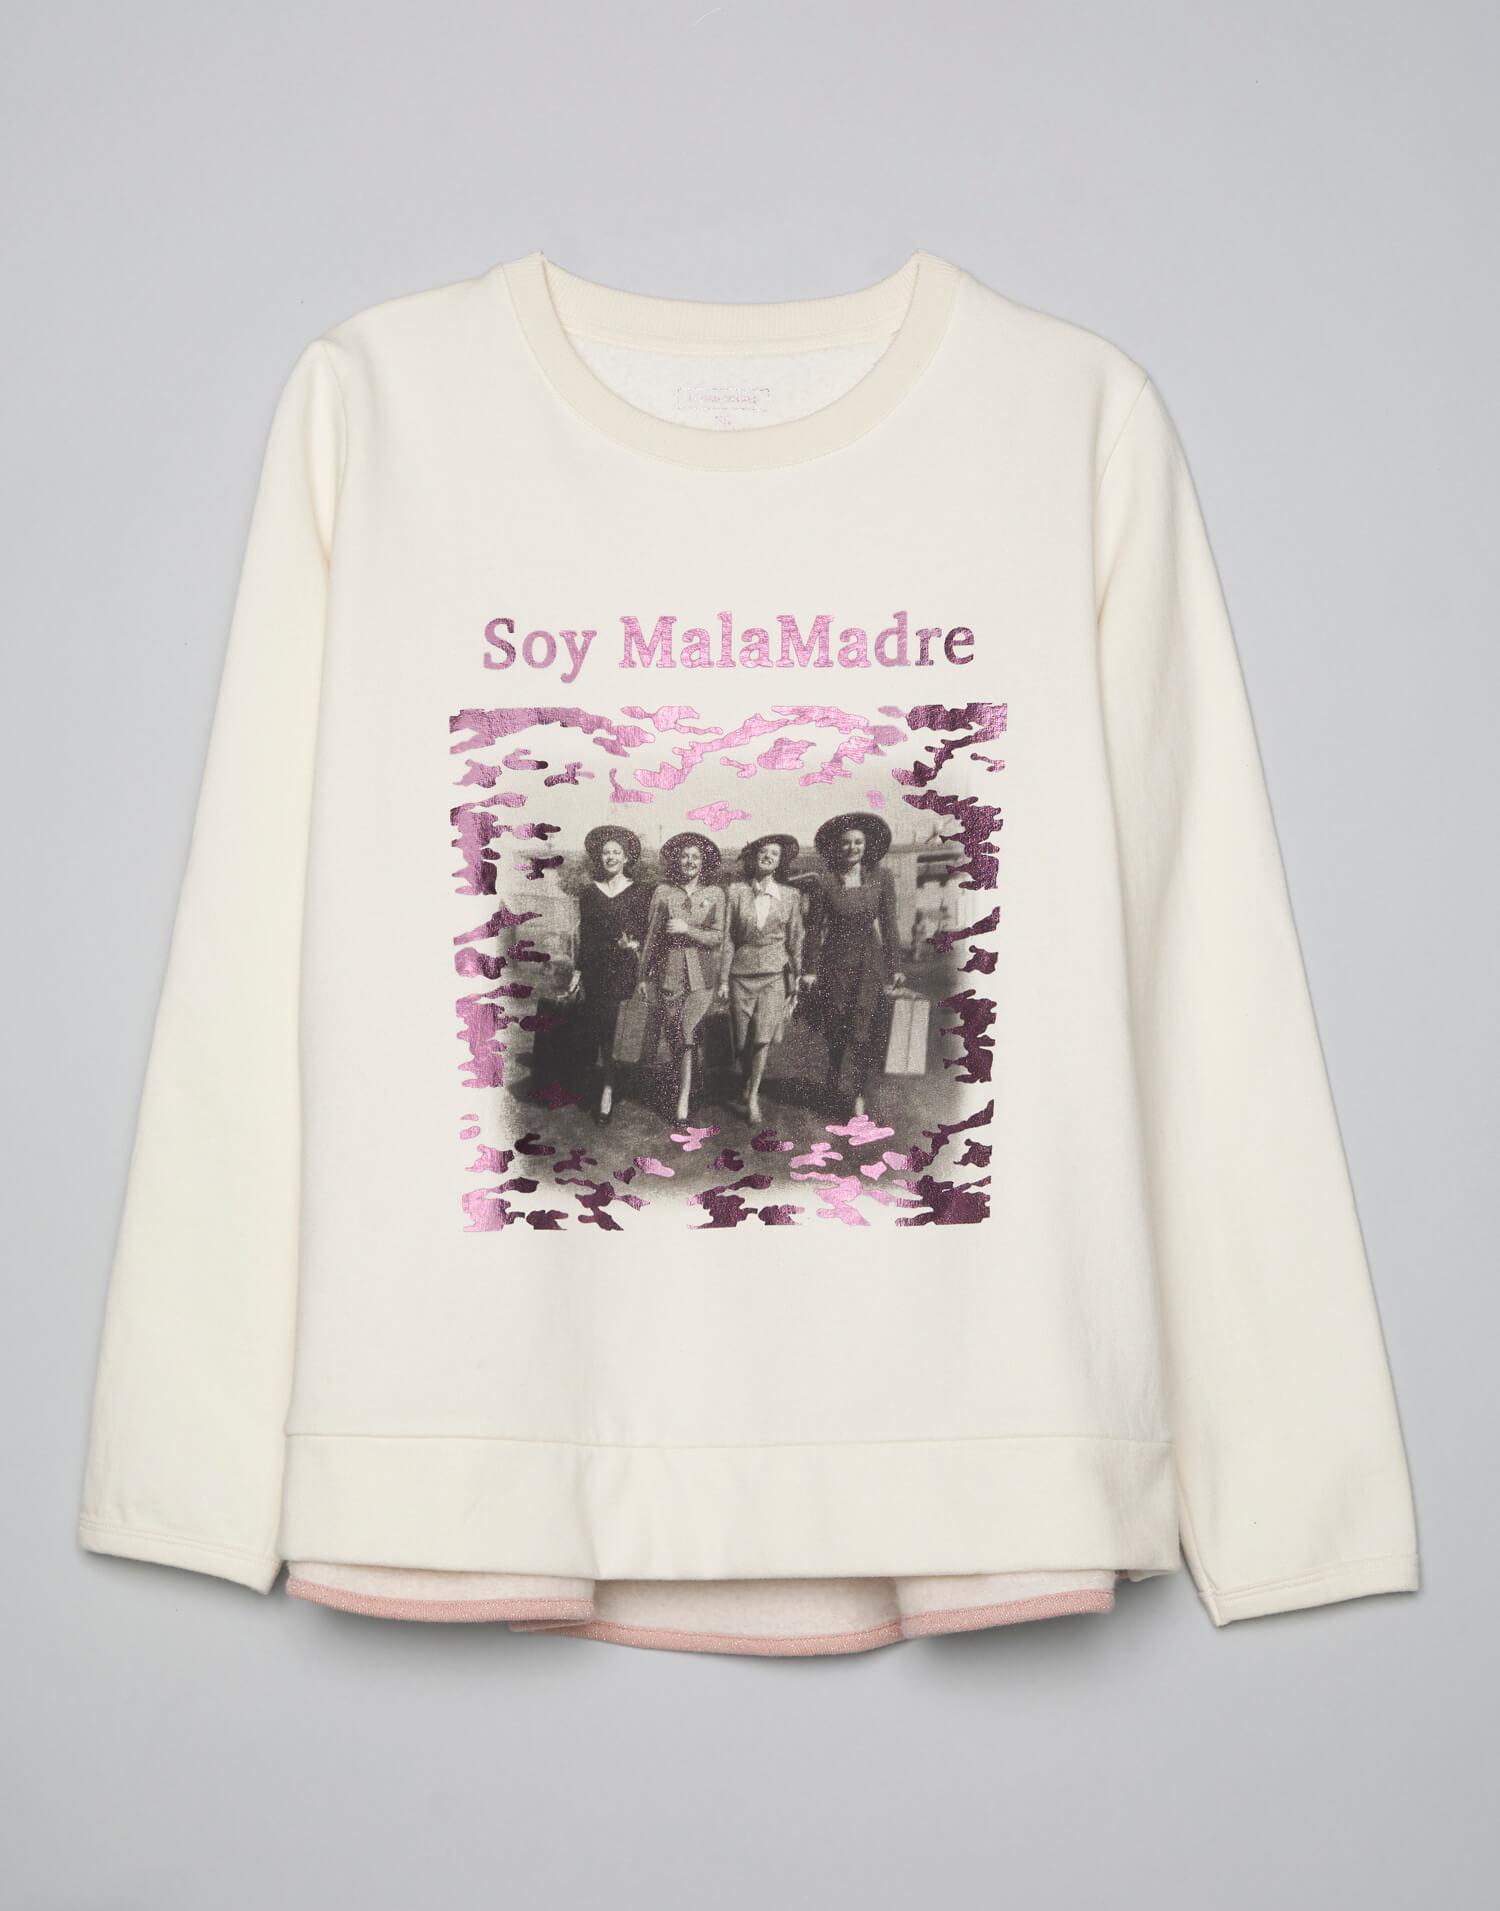 Camiseta fotográfica camuflaje Soy Malamadre